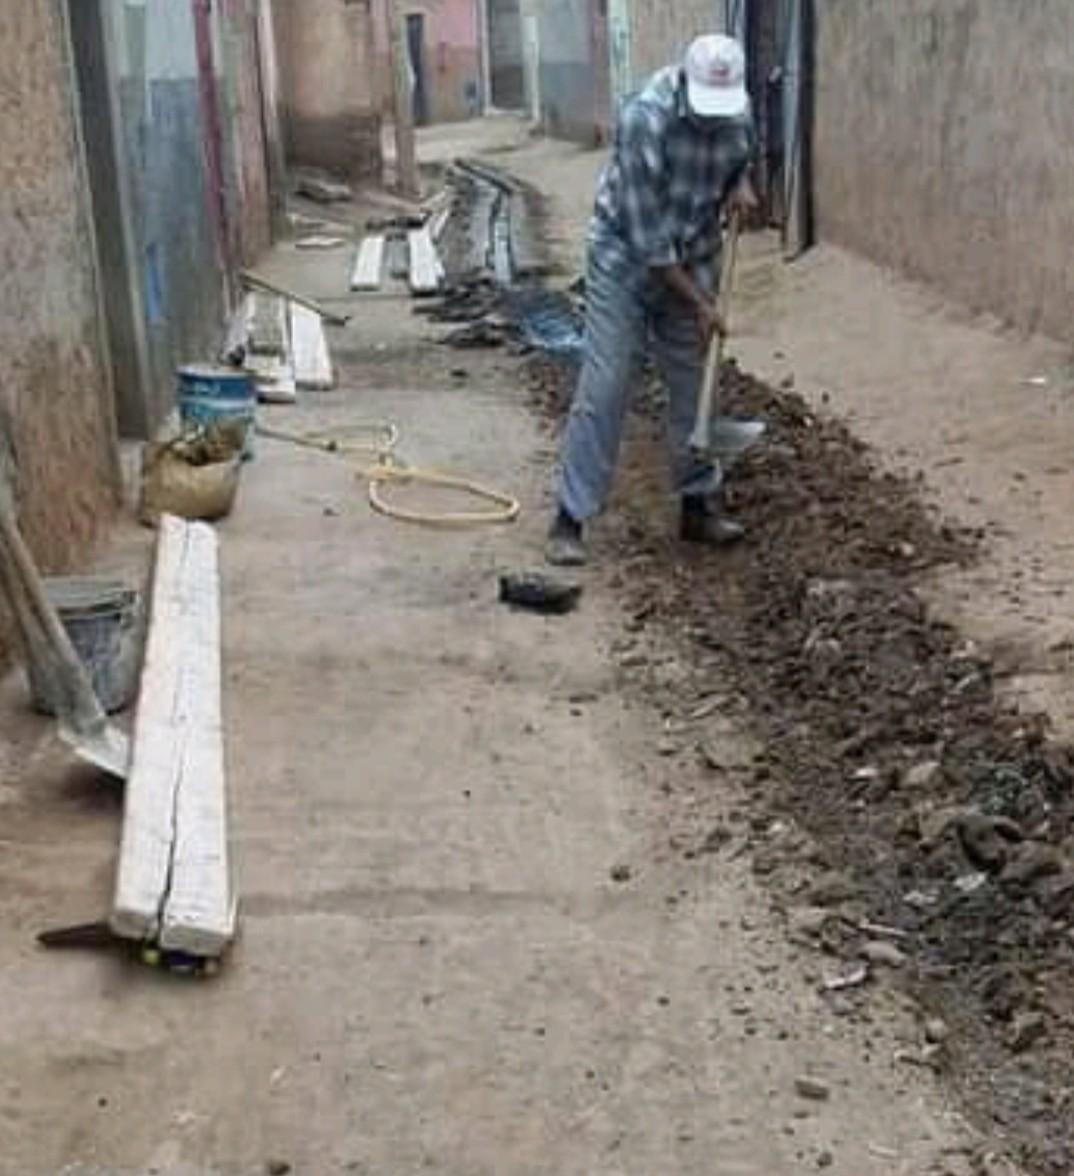 تجاهل السلطات المعنية يدفع اعضاء جمعية النهضة بدوار النزال إلى إنشاء قنوات الصرف الصحي بجماعة تسلطانت